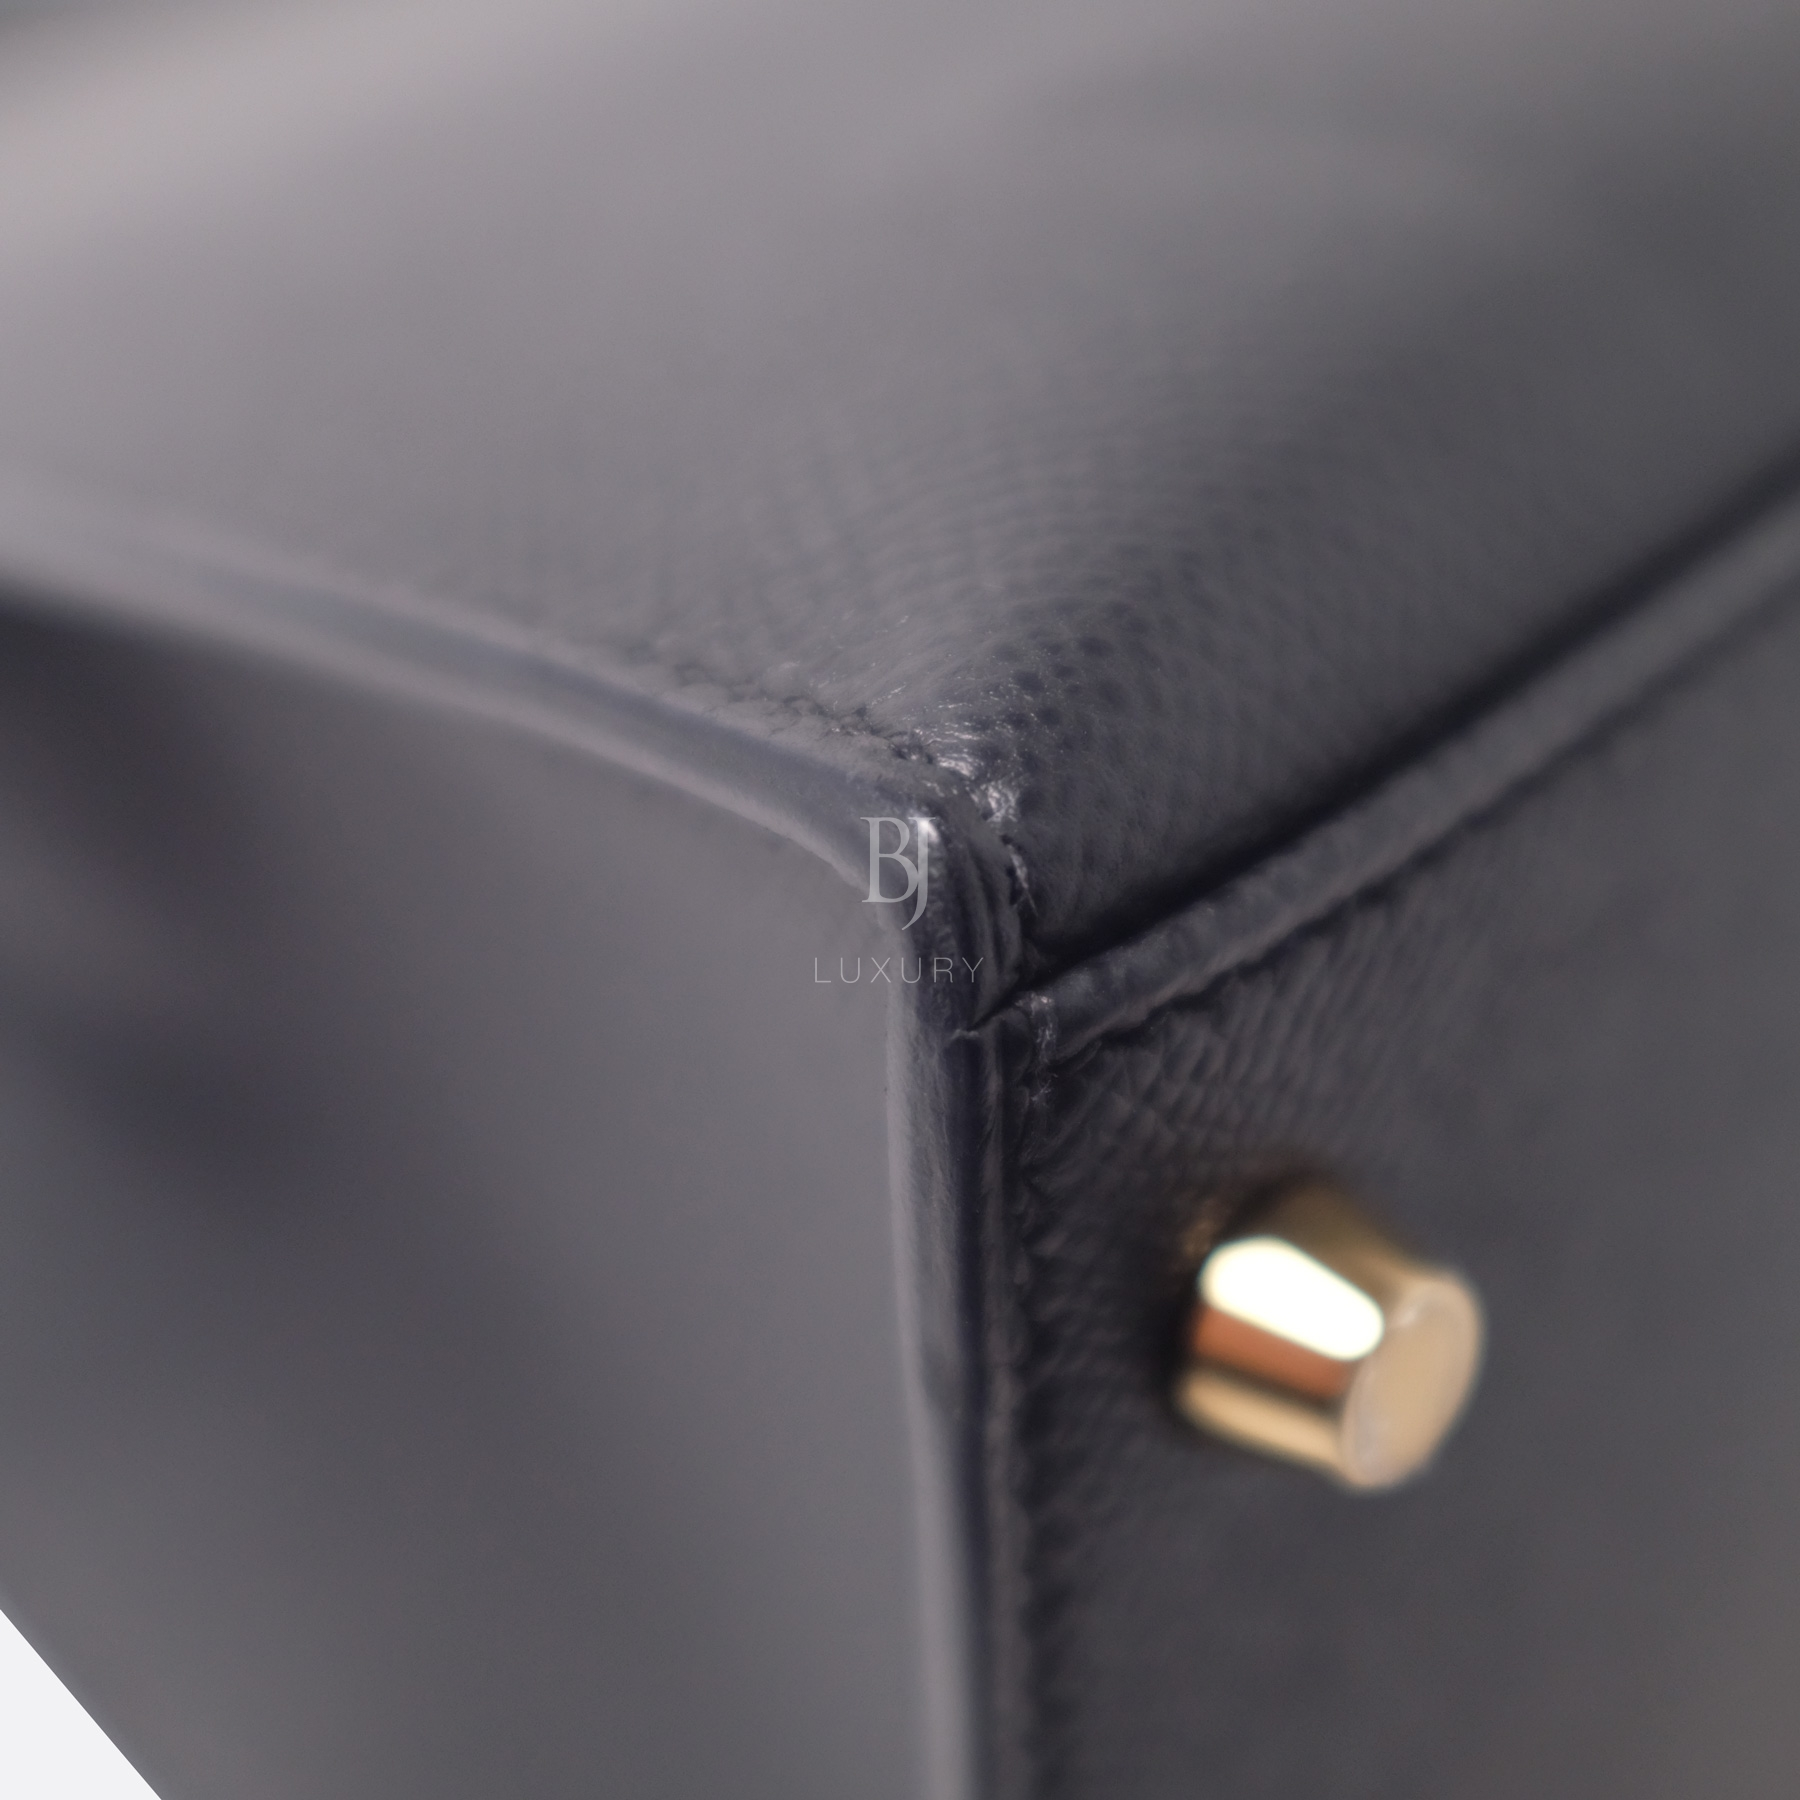 Hermes Kelly Sellier 28 Black Epsom Gold BJ Luxury 19.jpg